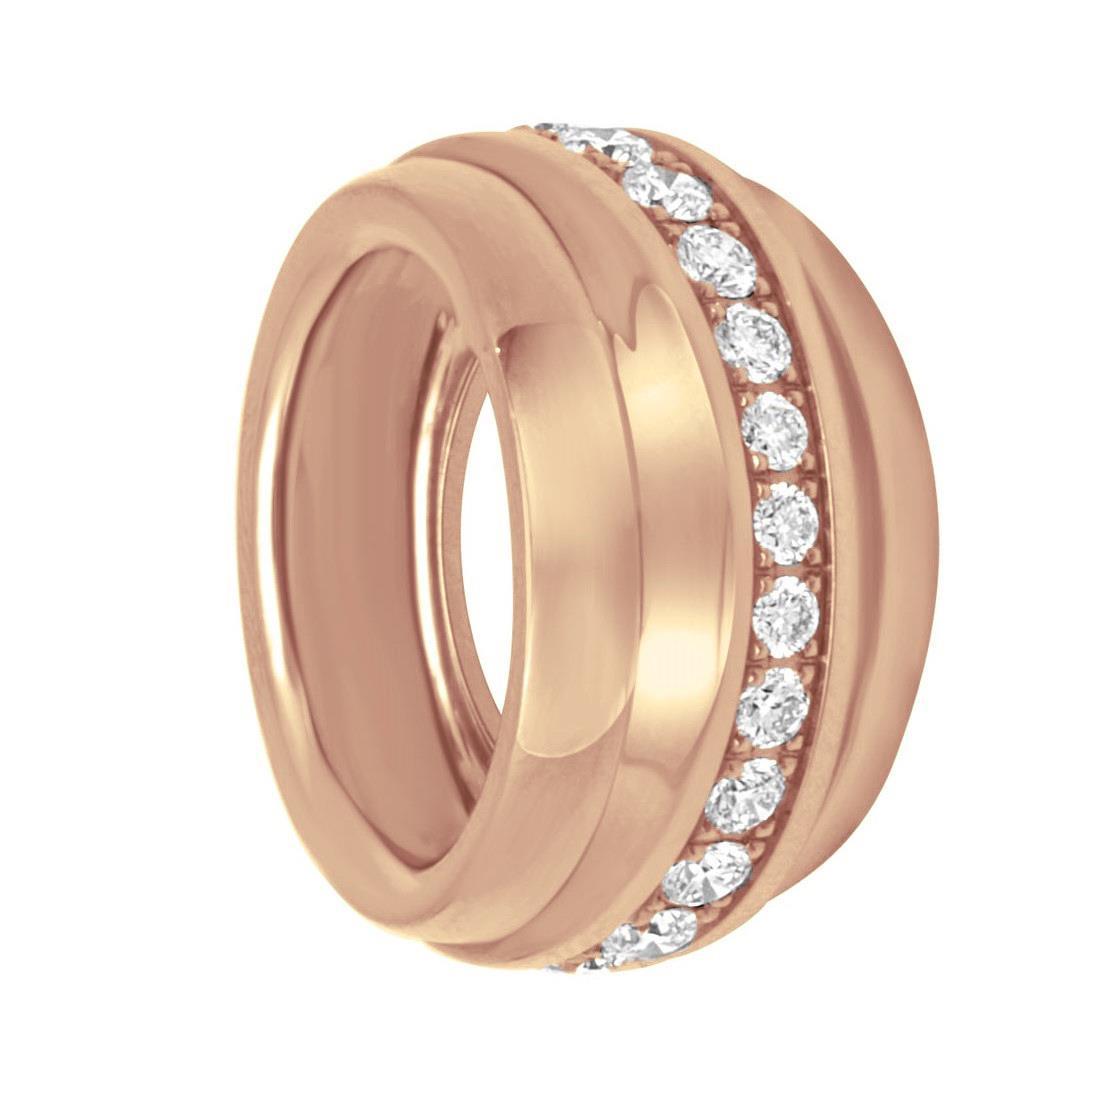 Anello Chopard in oro rosa e diamanti, misura 13 - CHOPARD